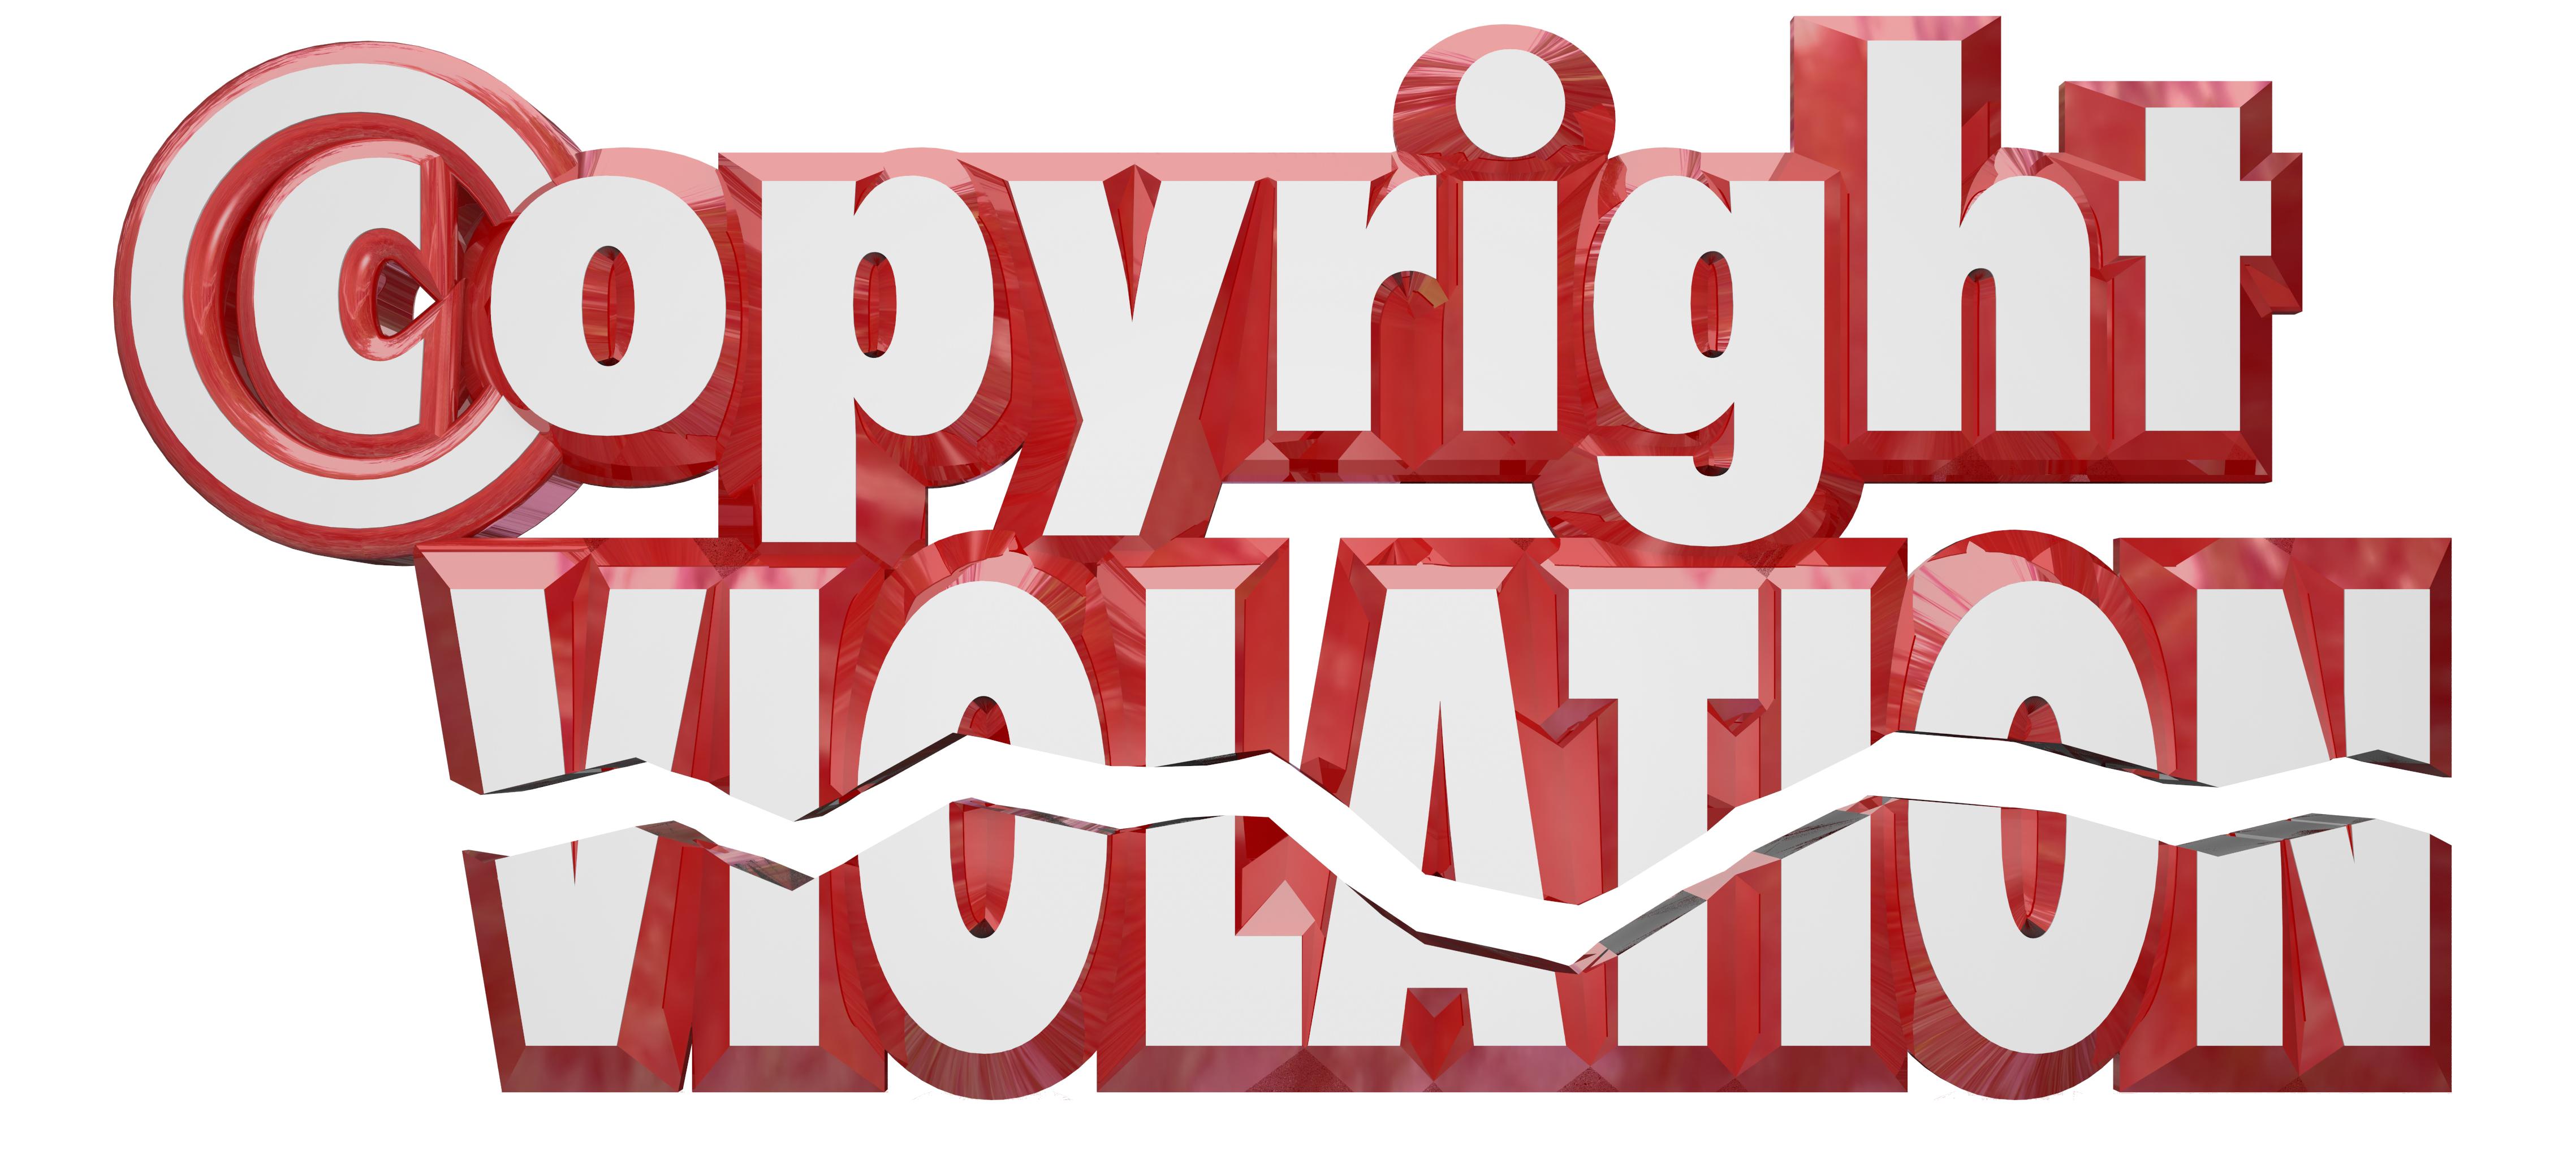 copyright infringement penalties